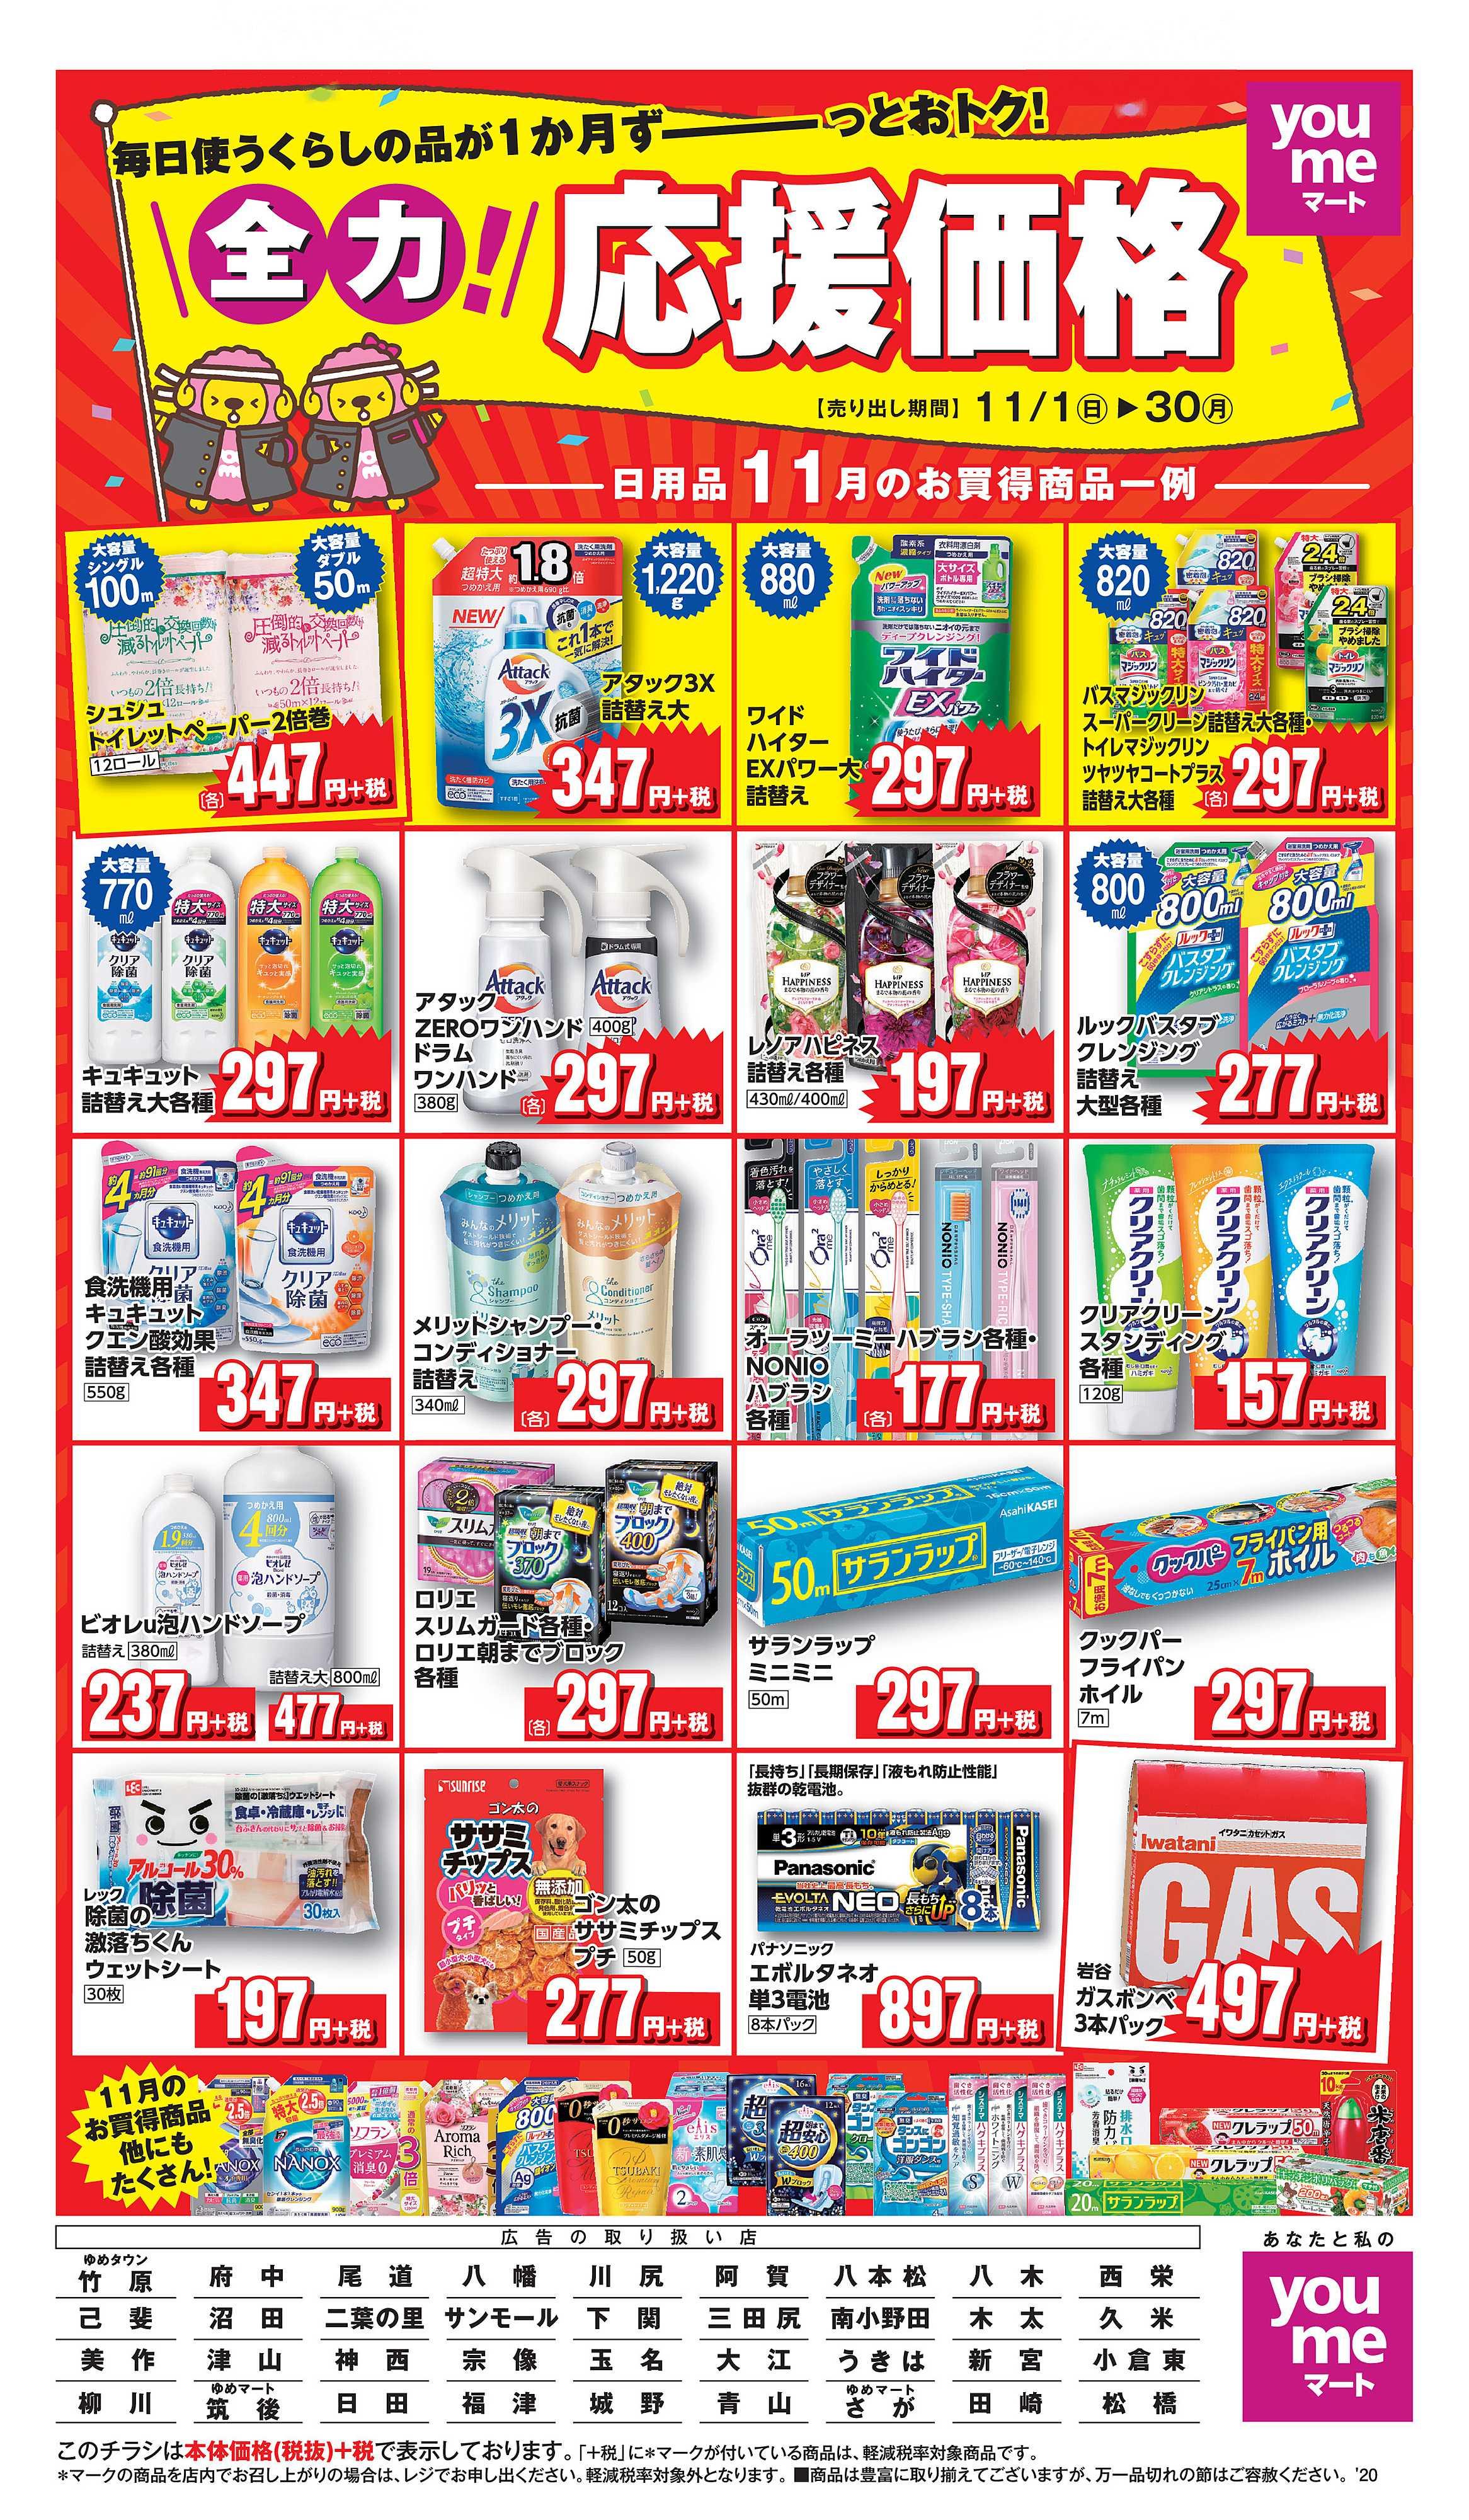 ゆめマート 11/1~11/30全力応援価格